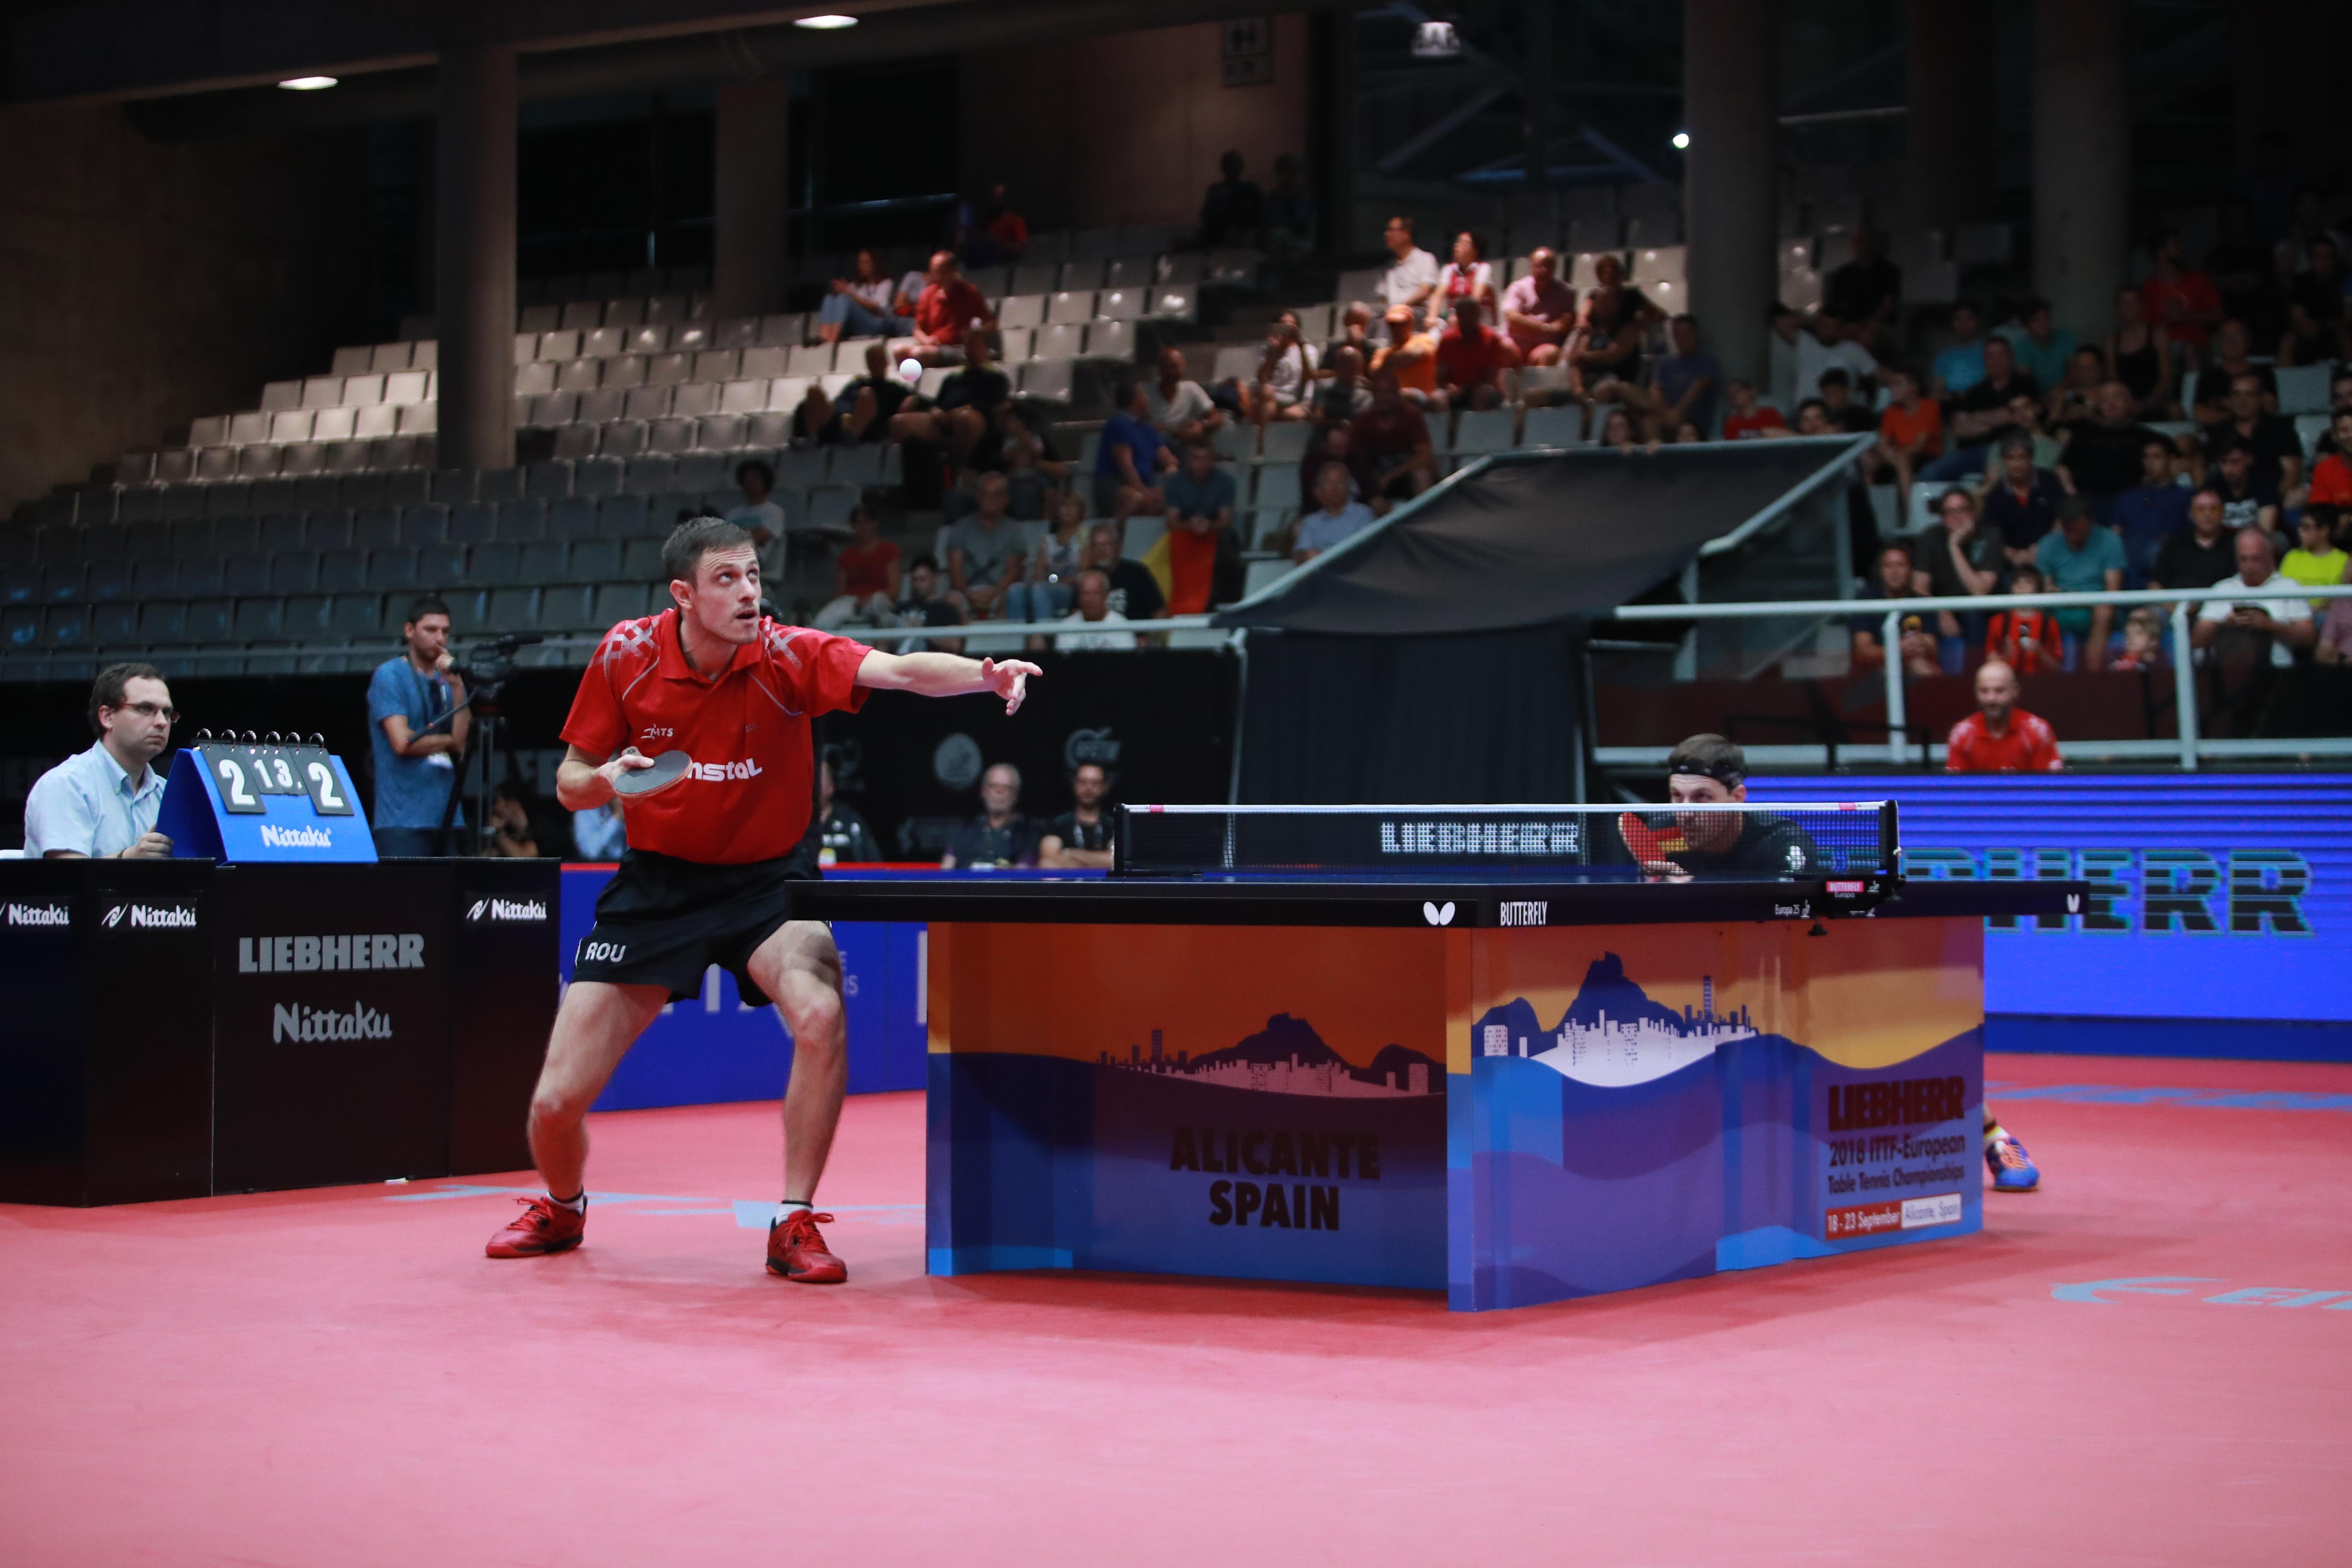 """Povestea lui Ovidiu Ionescu, medaliat cu argint la Europenele de tenis de masă. """"Părinții și-au vândut casa pentru a-i plăti antrenamentele în Germania"""". Reacția sportivului"""